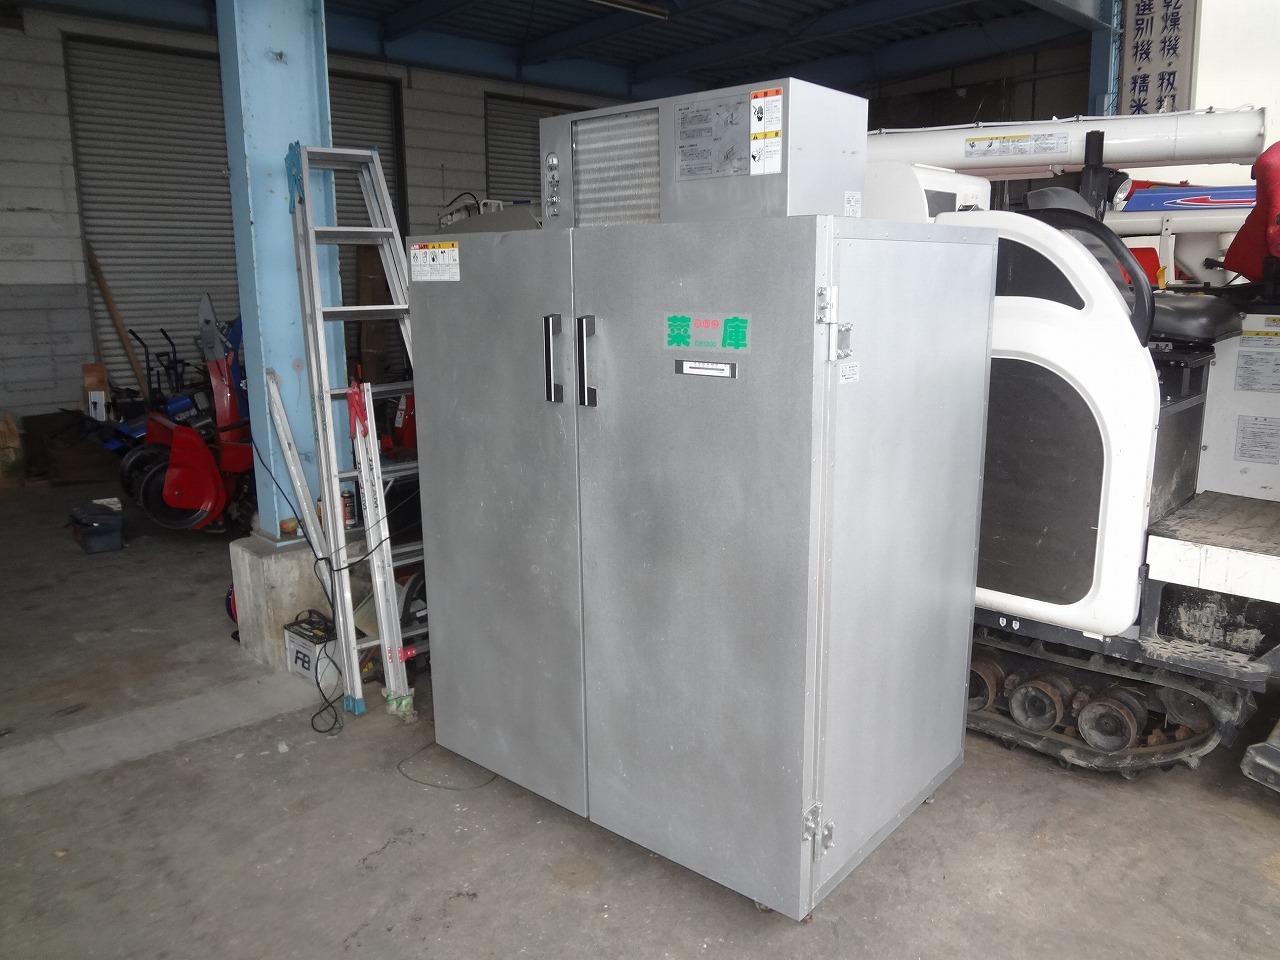 中古保冷庫18袋9俵用 静岡菜庫 GB1300 AC100V350W